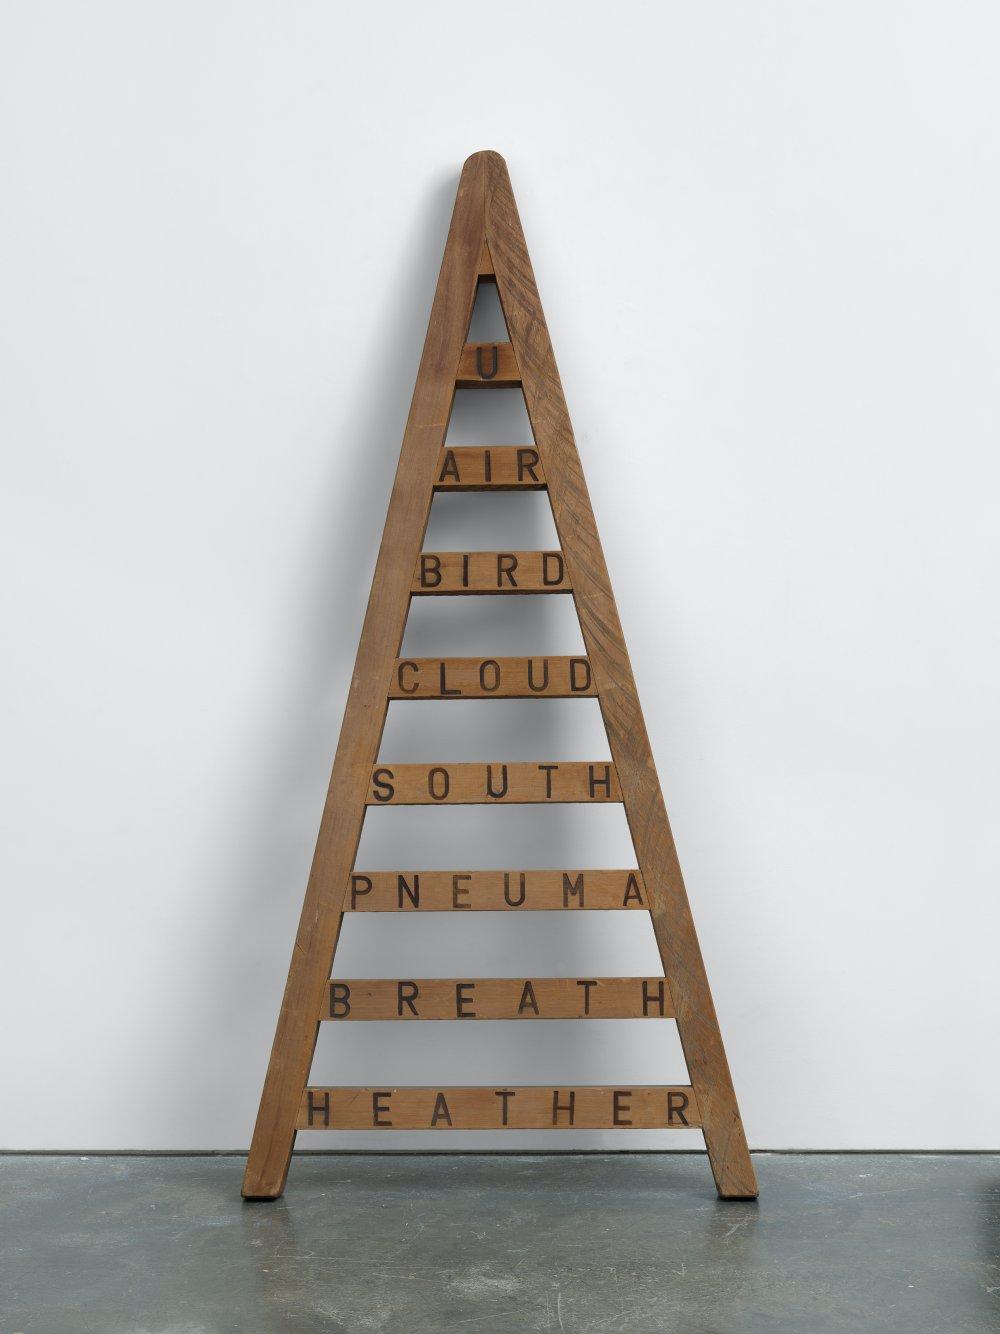 Air Ladder